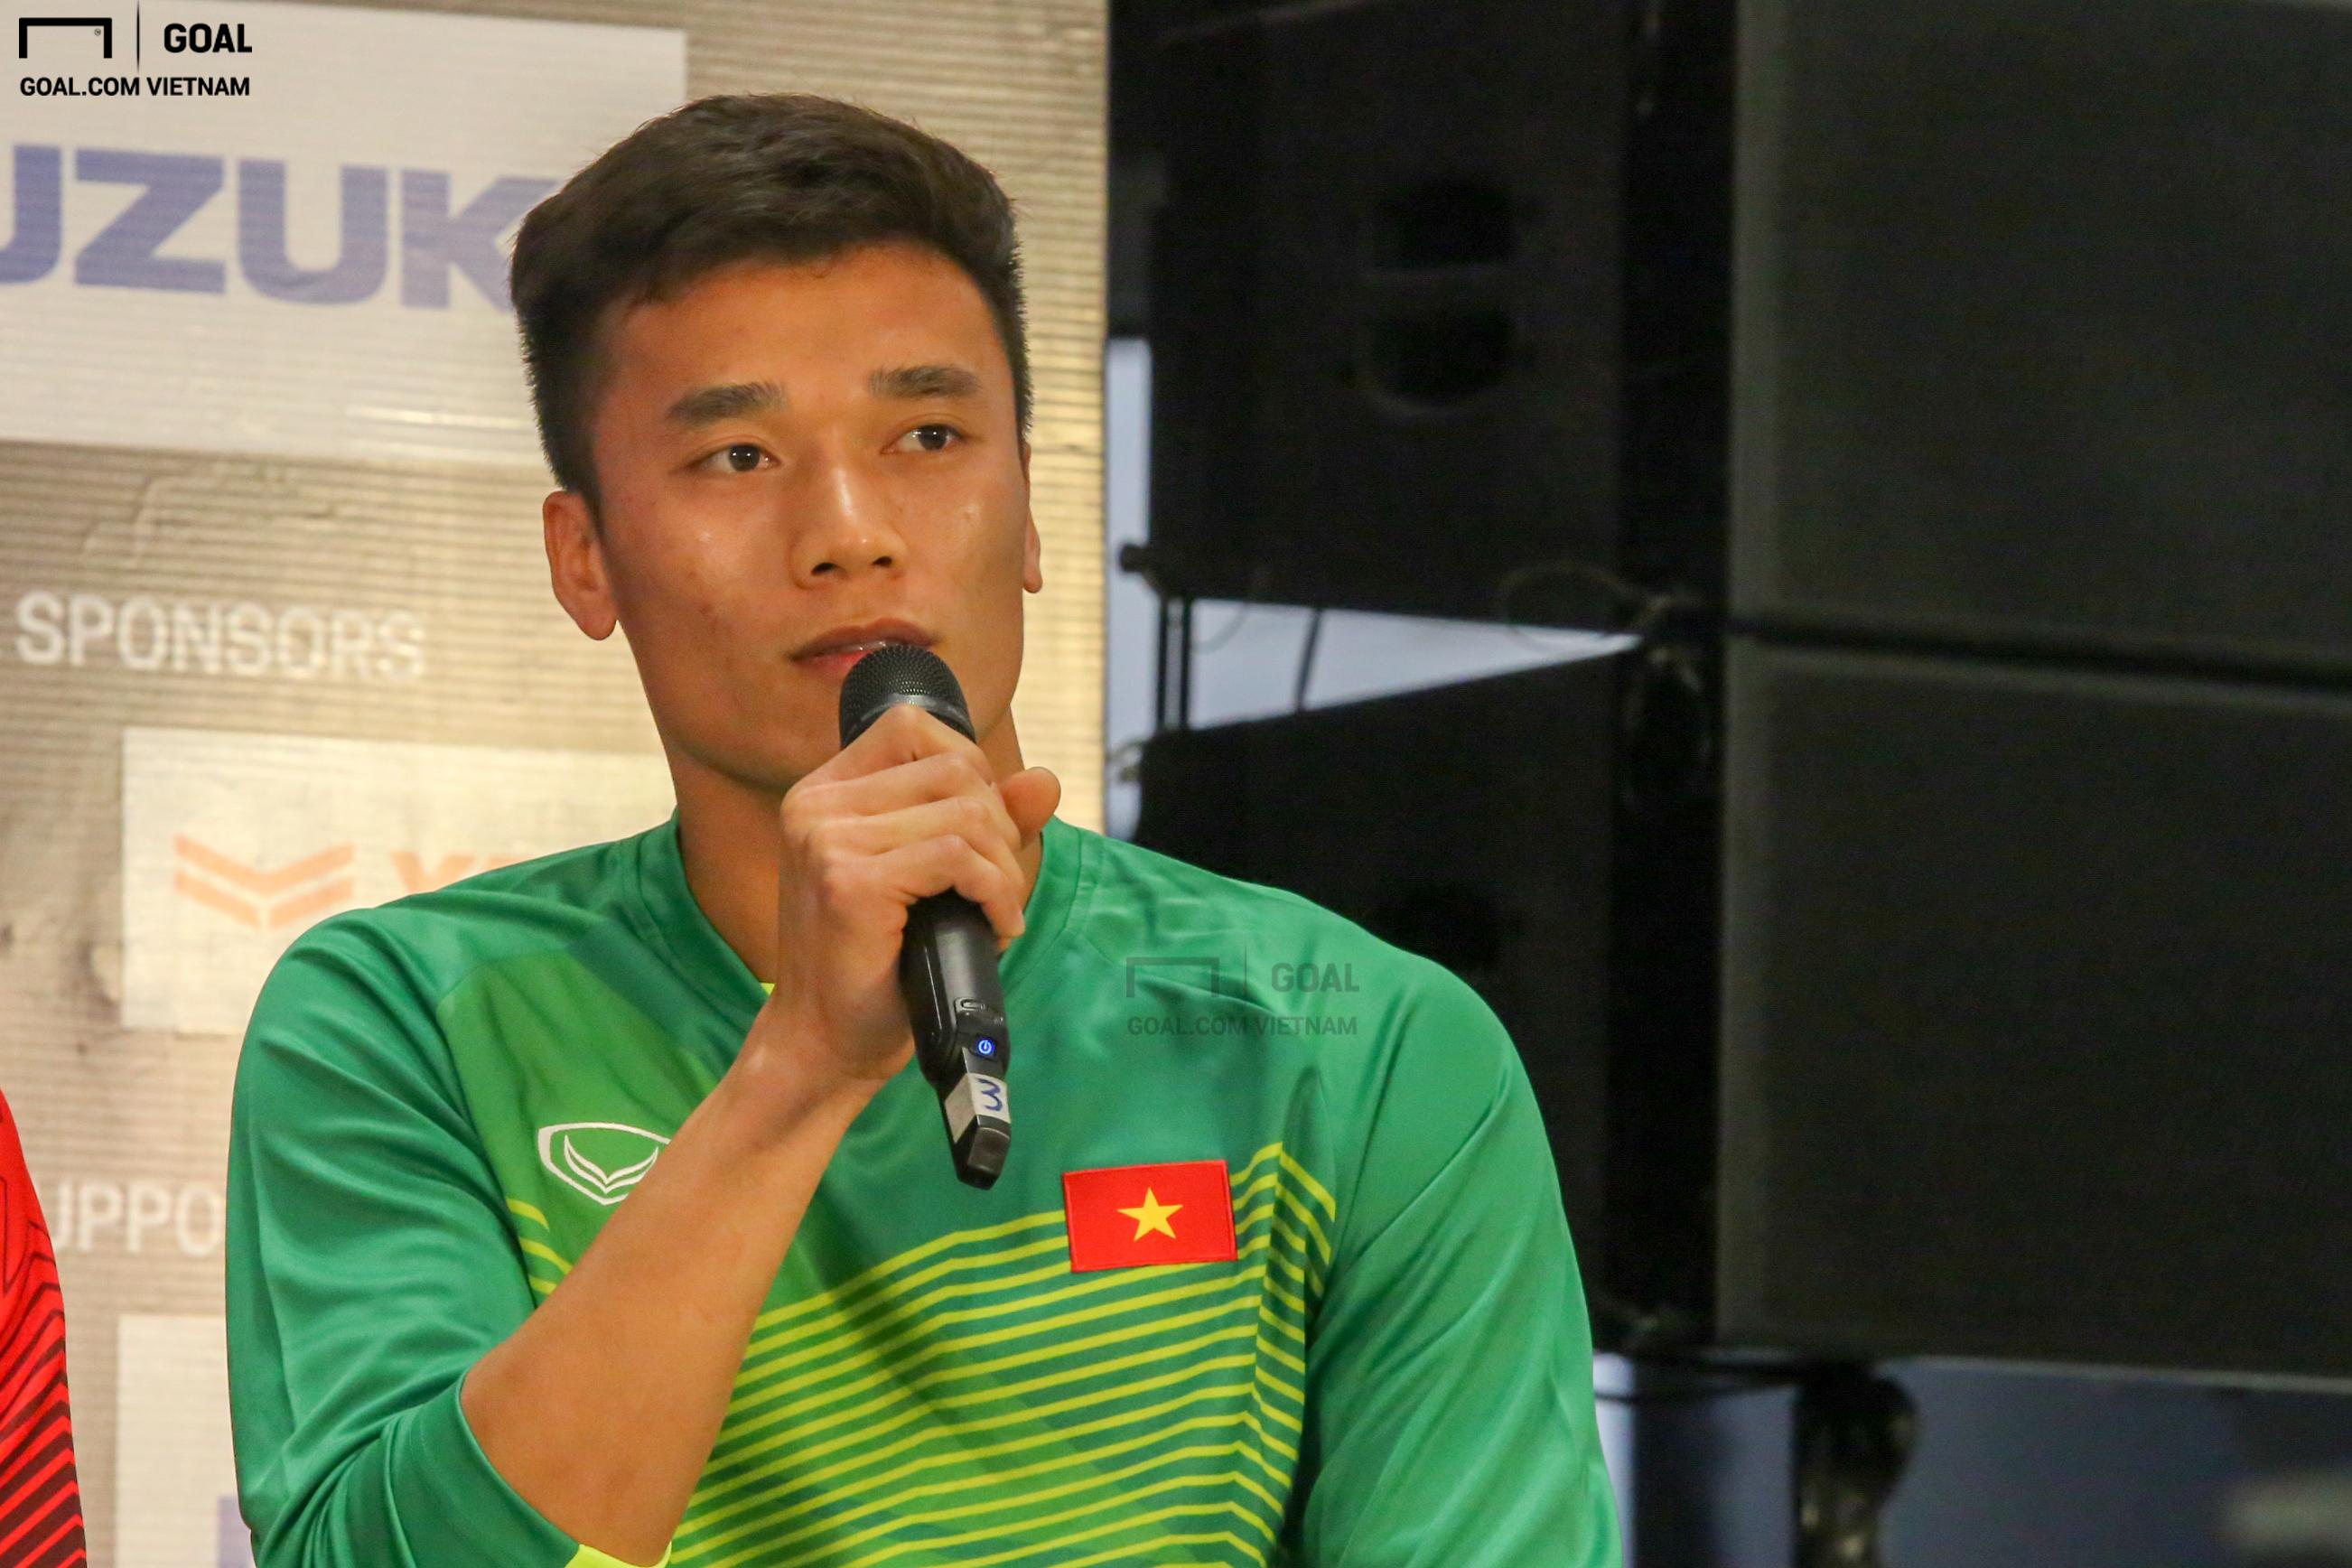 Bùi Tiến Dũng Hà Đức Chinh AFF Cup 6